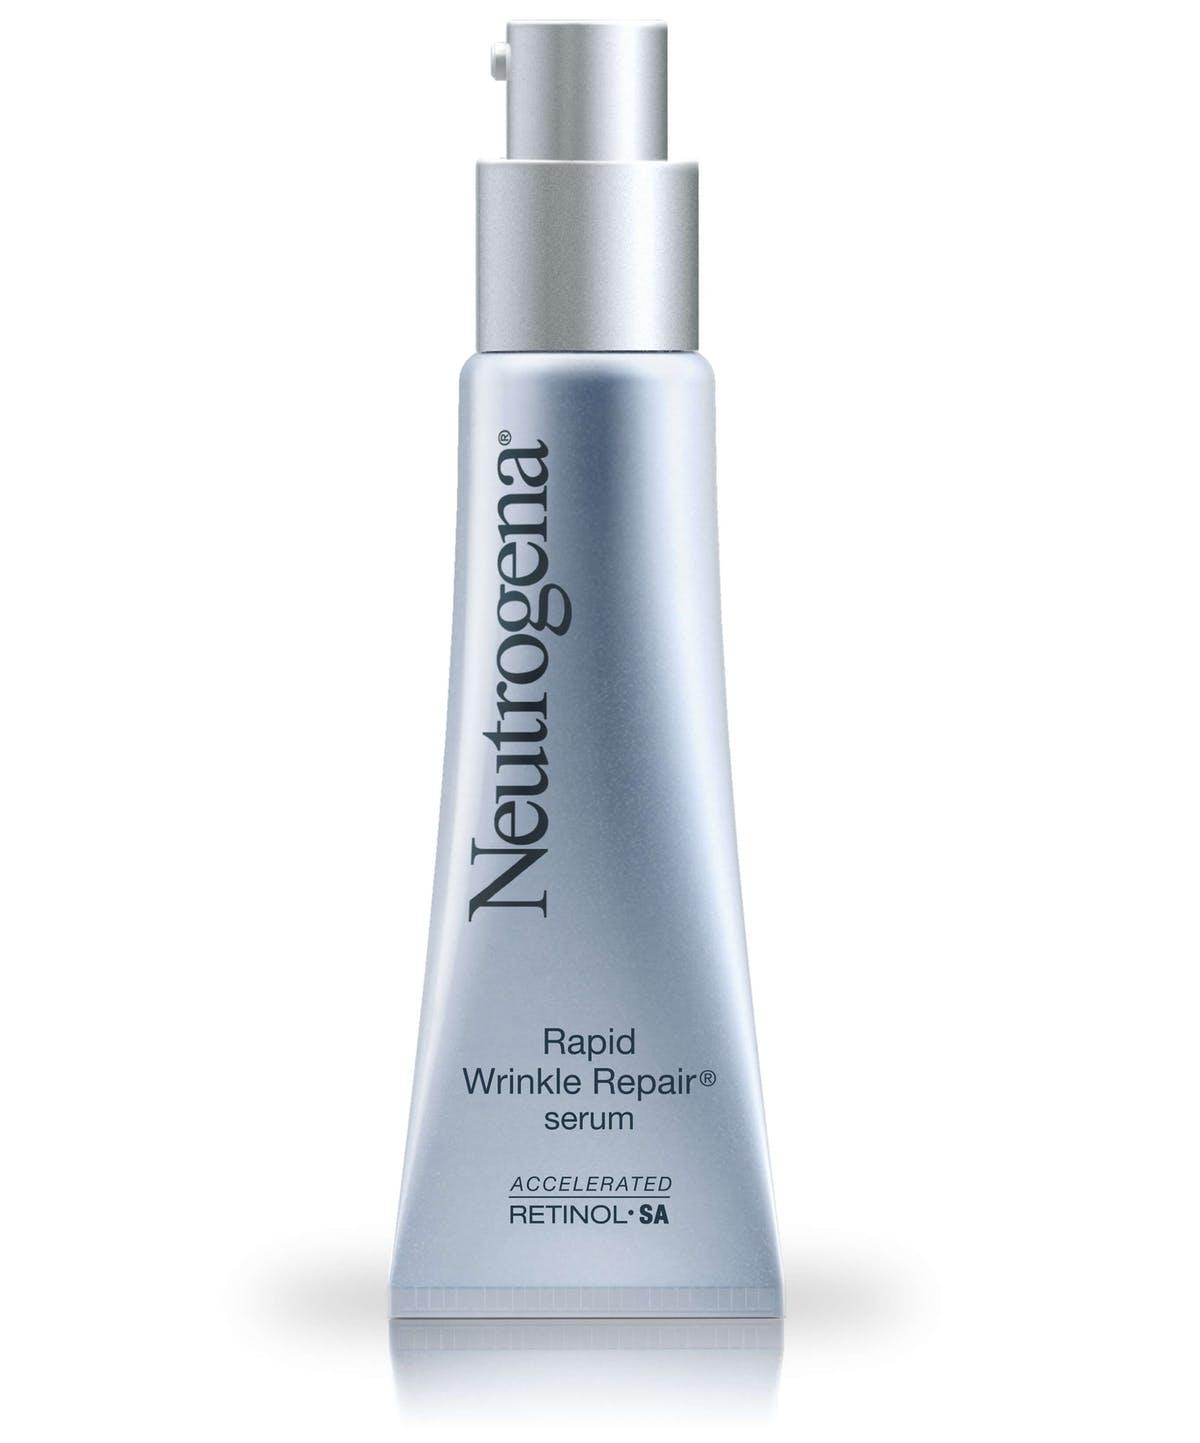 Neutrogena Rapid Wrinkle Repair Serum best anti aging cream in pakistan